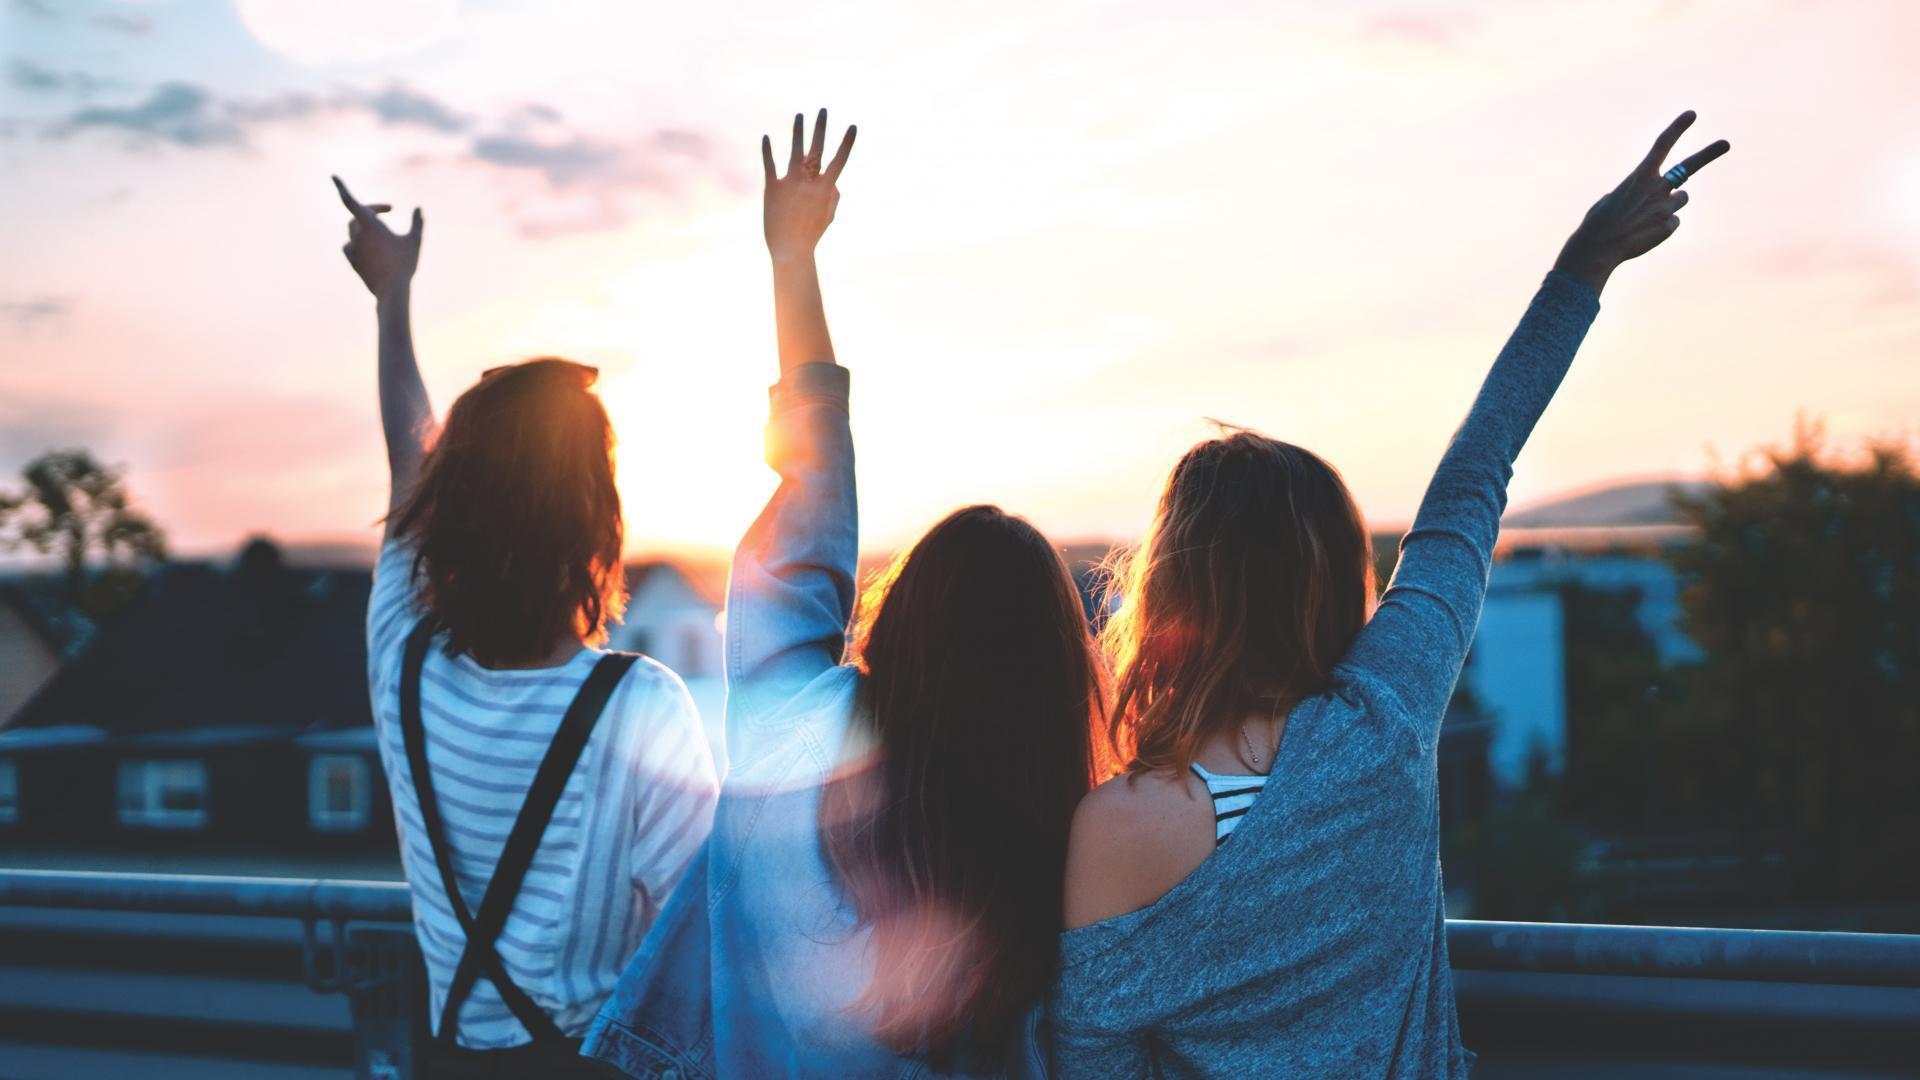 Drei junge Frauen recken die Hände in die Abendsonne